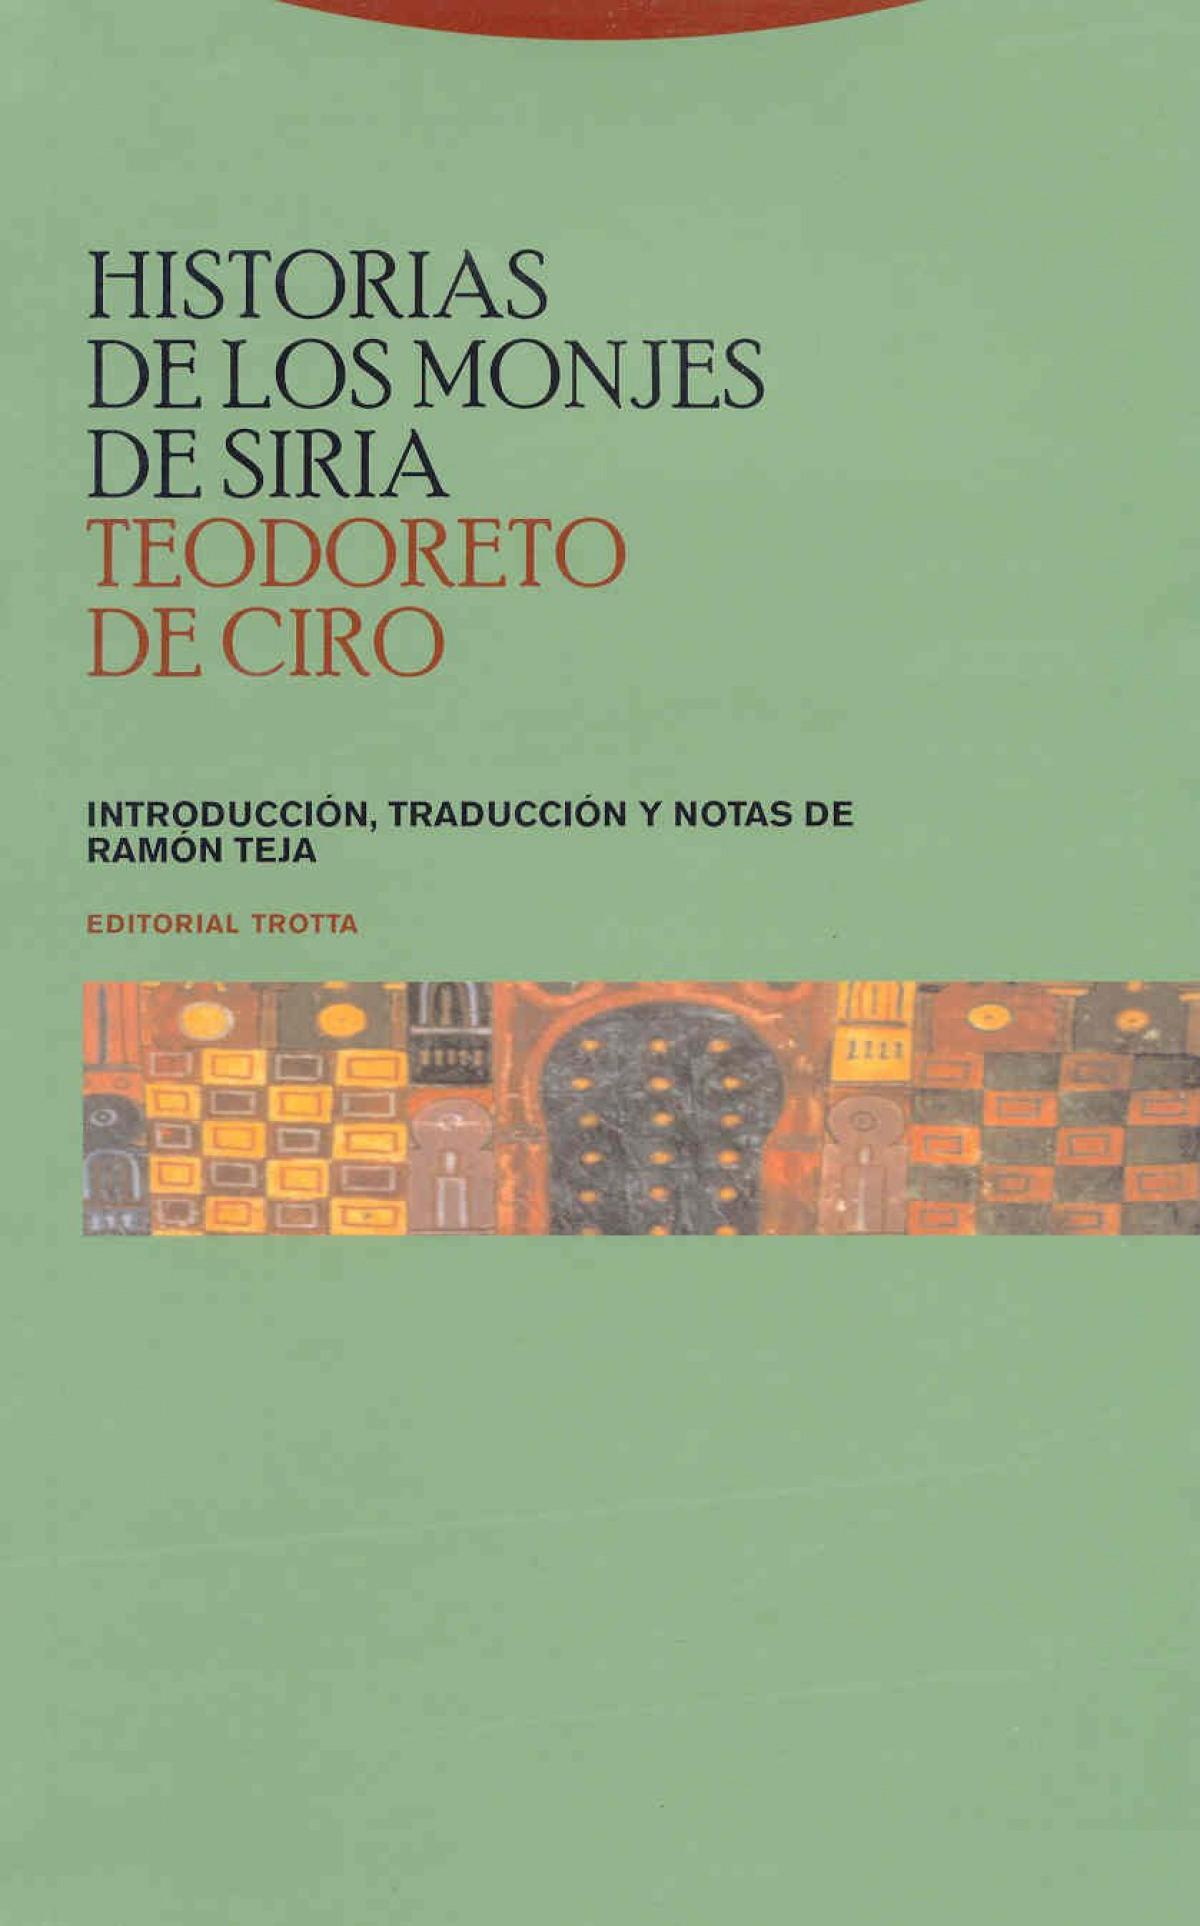 Historias de los monjes de Siria - Teodoreto de Ciro